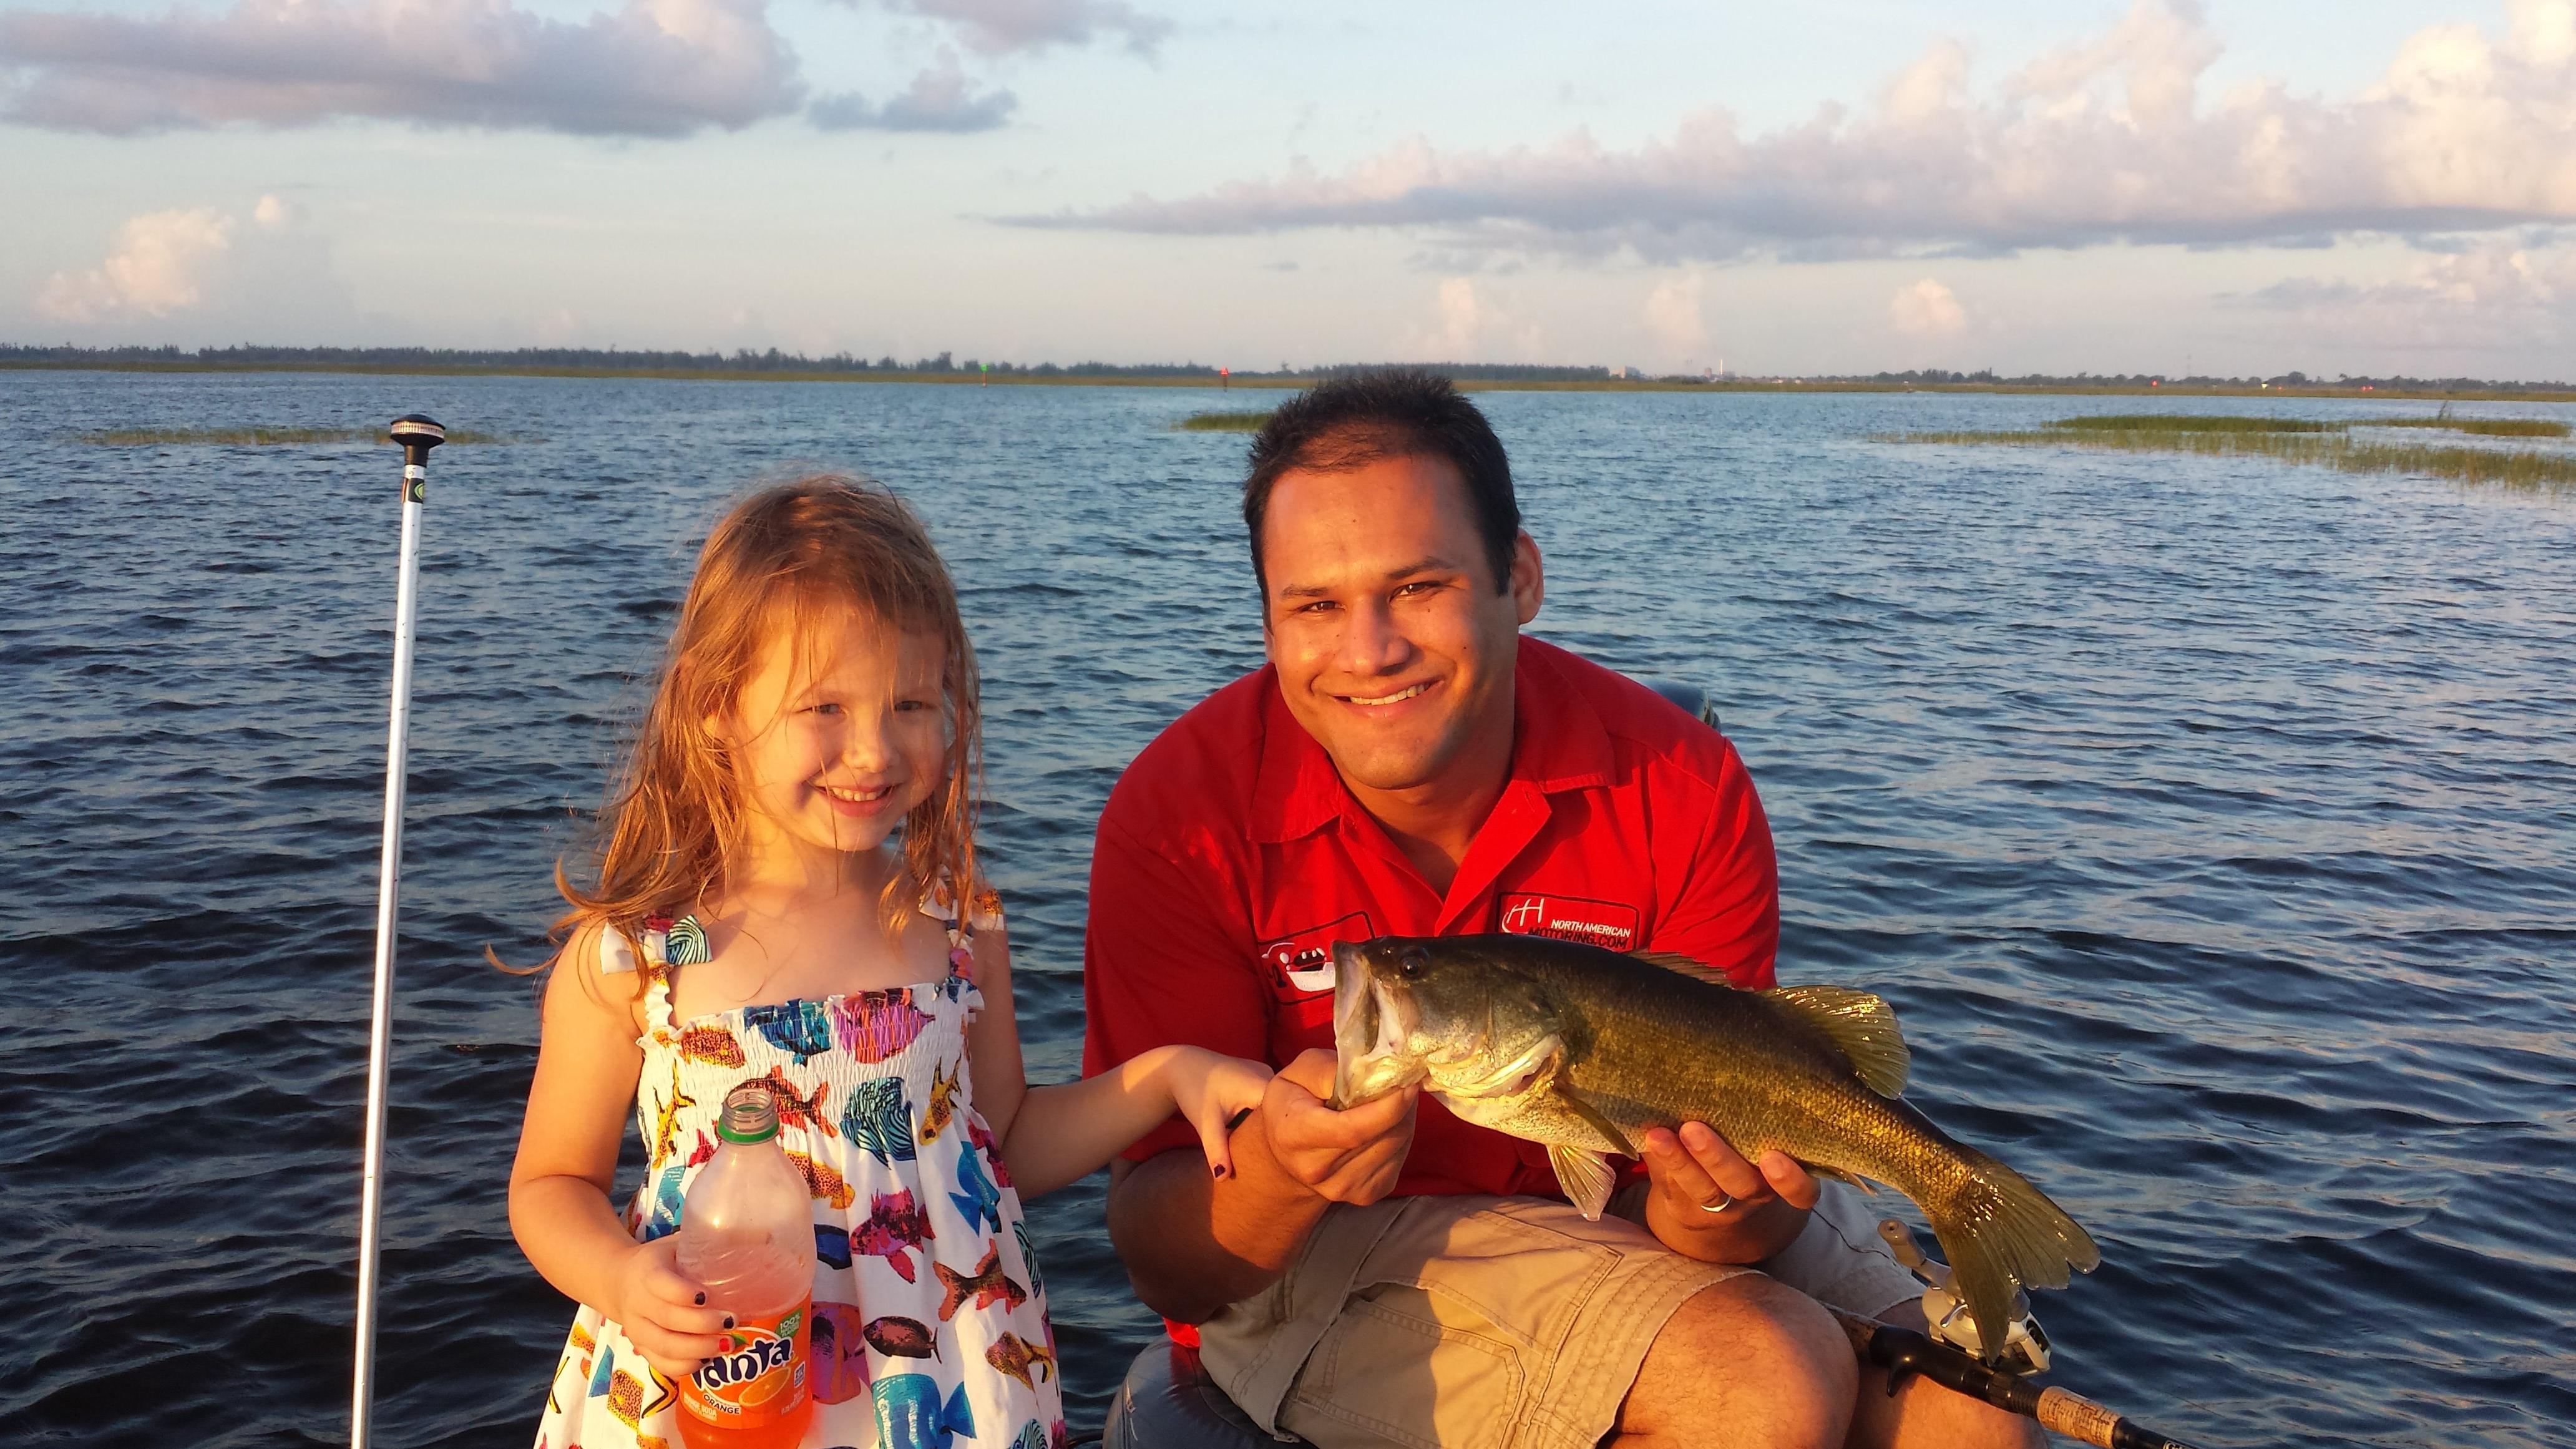 Lake okeechobee fishing guides lake okeechobee bass fishing for Lake okeechobee fishing